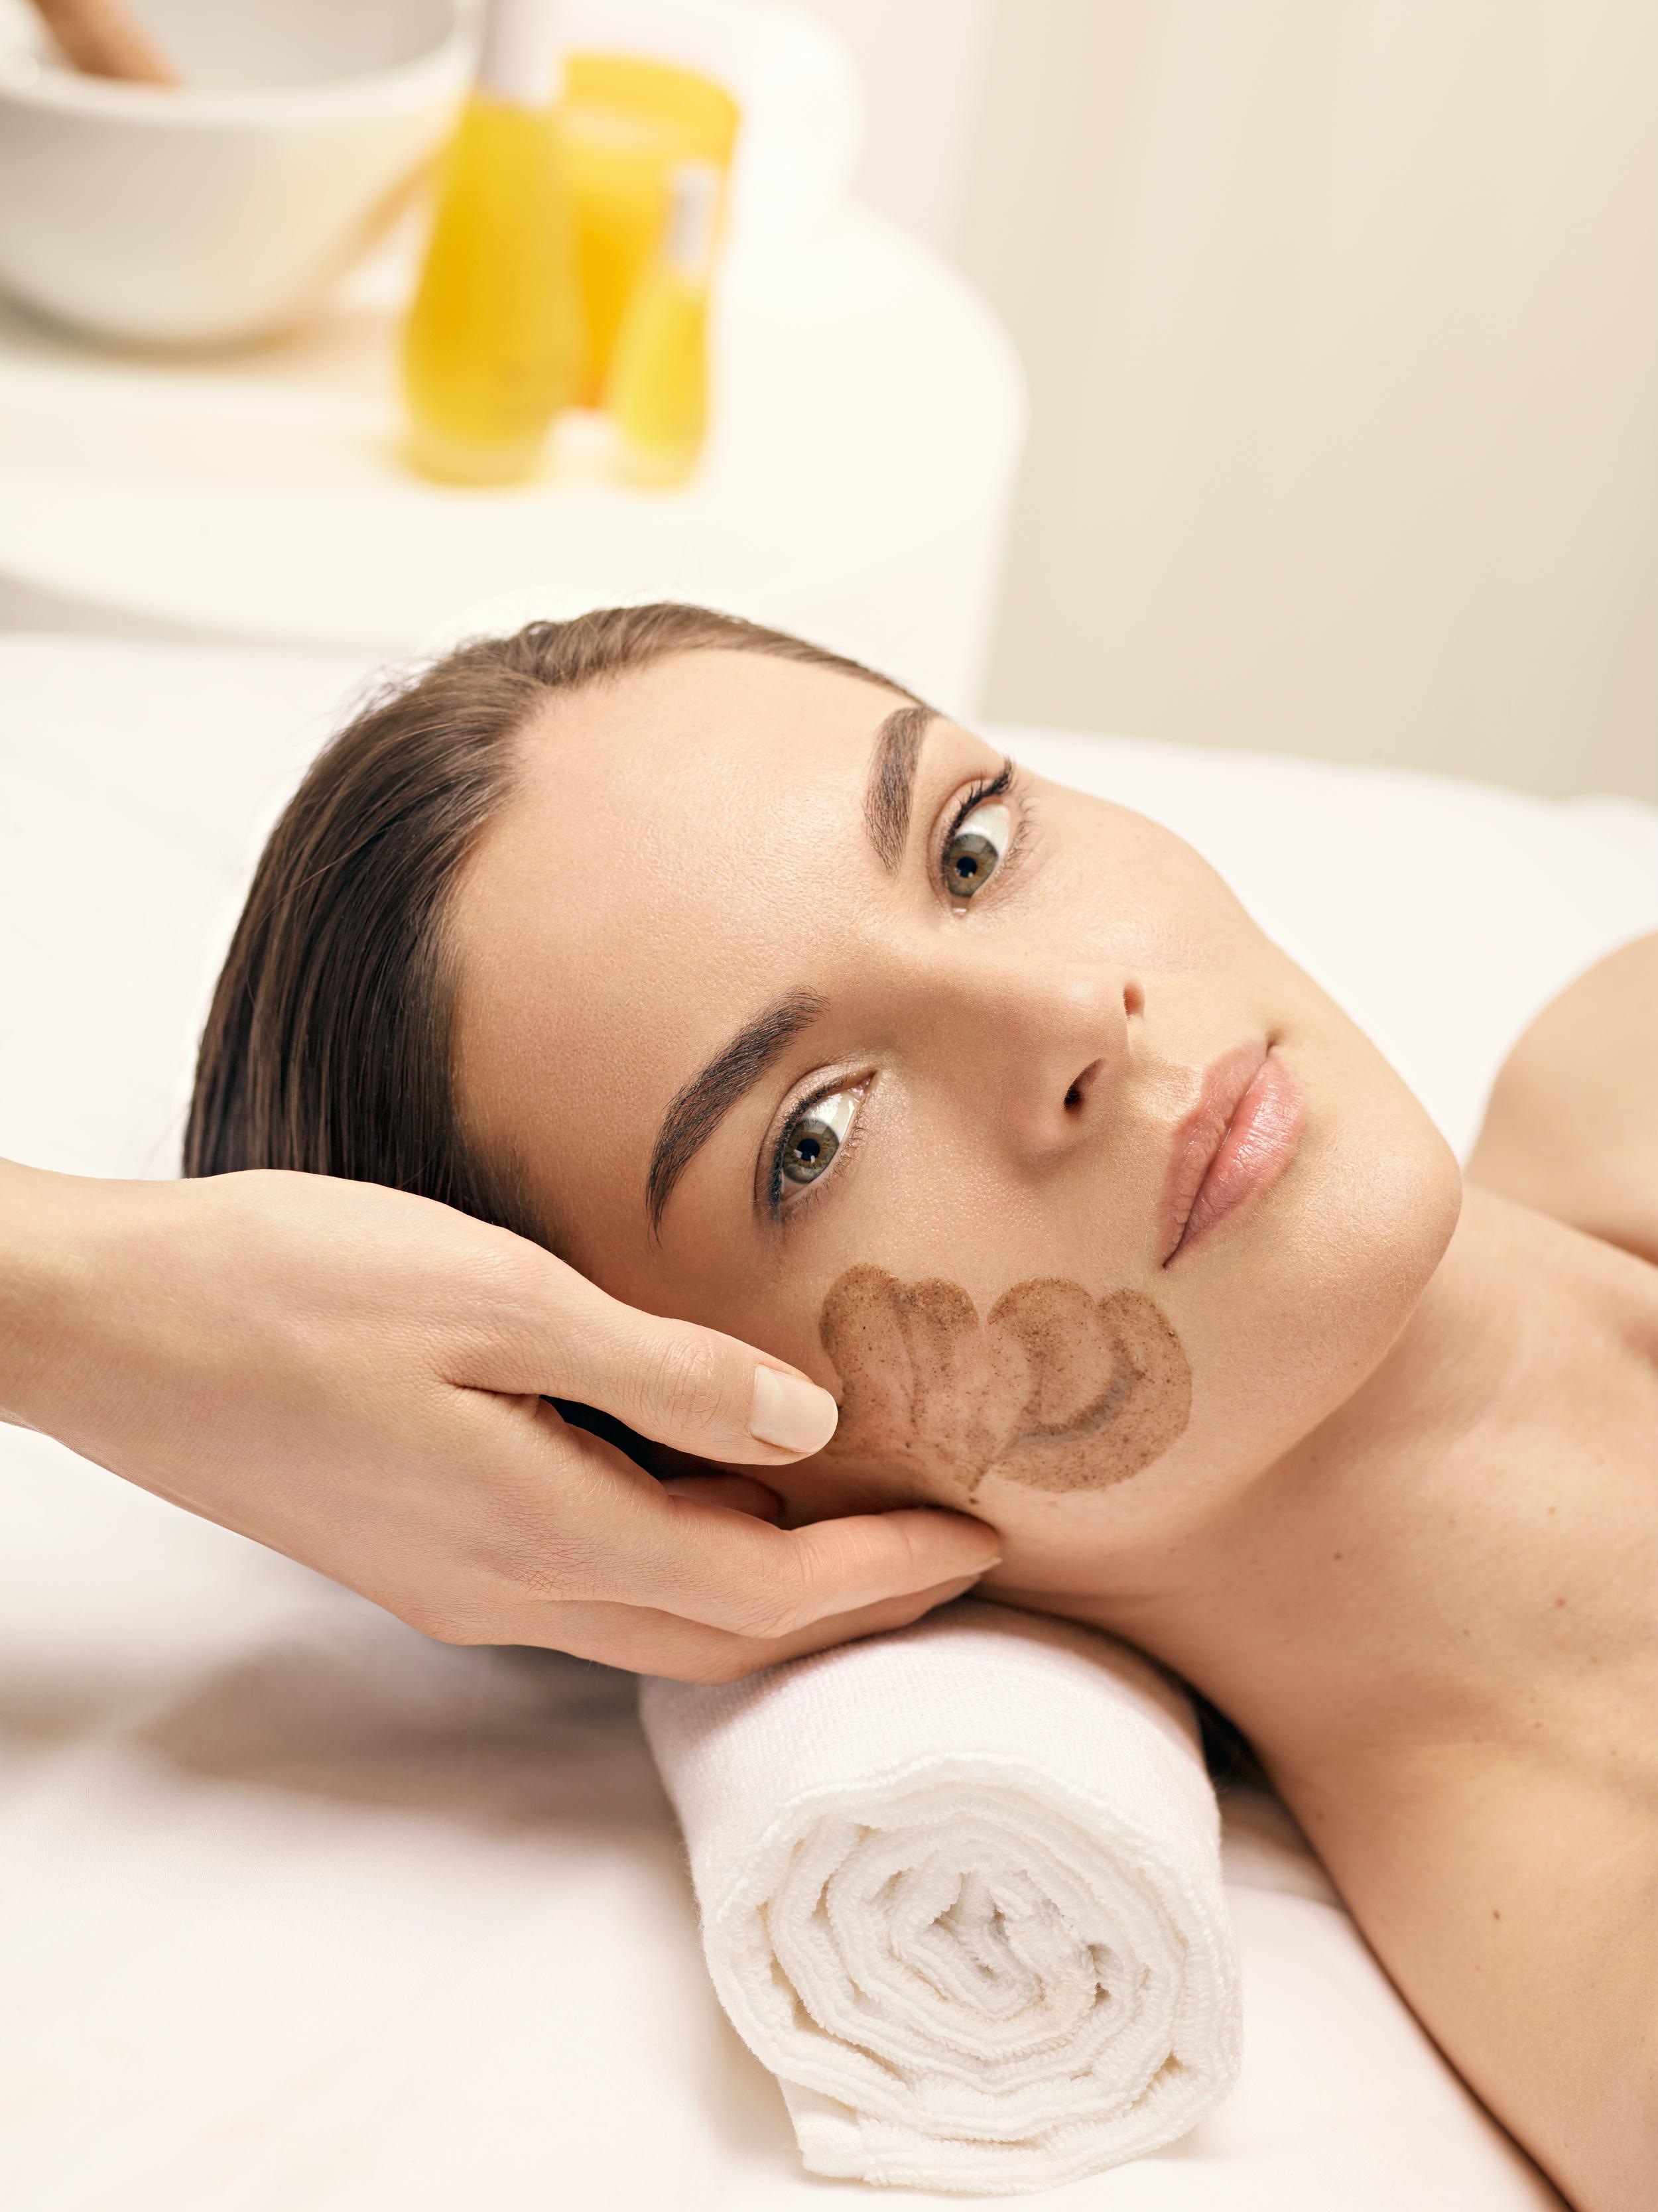 dec_treatment_visual-face-scrub_cmyn.jpg